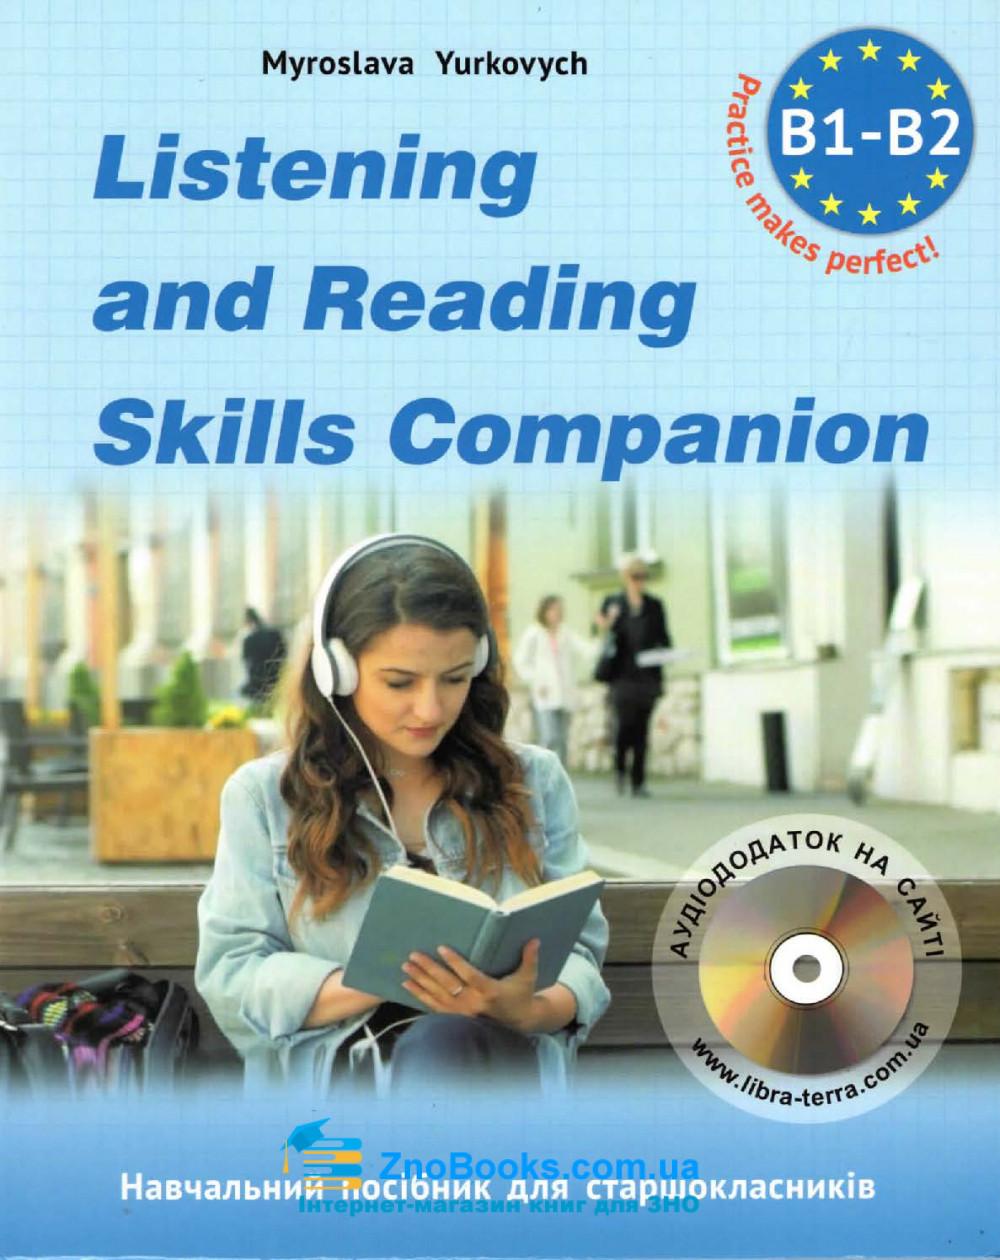 Listening and Reading Companion: (книга з аудіювання та зорового сприймяння текстів, з аудіосупроводом). 0